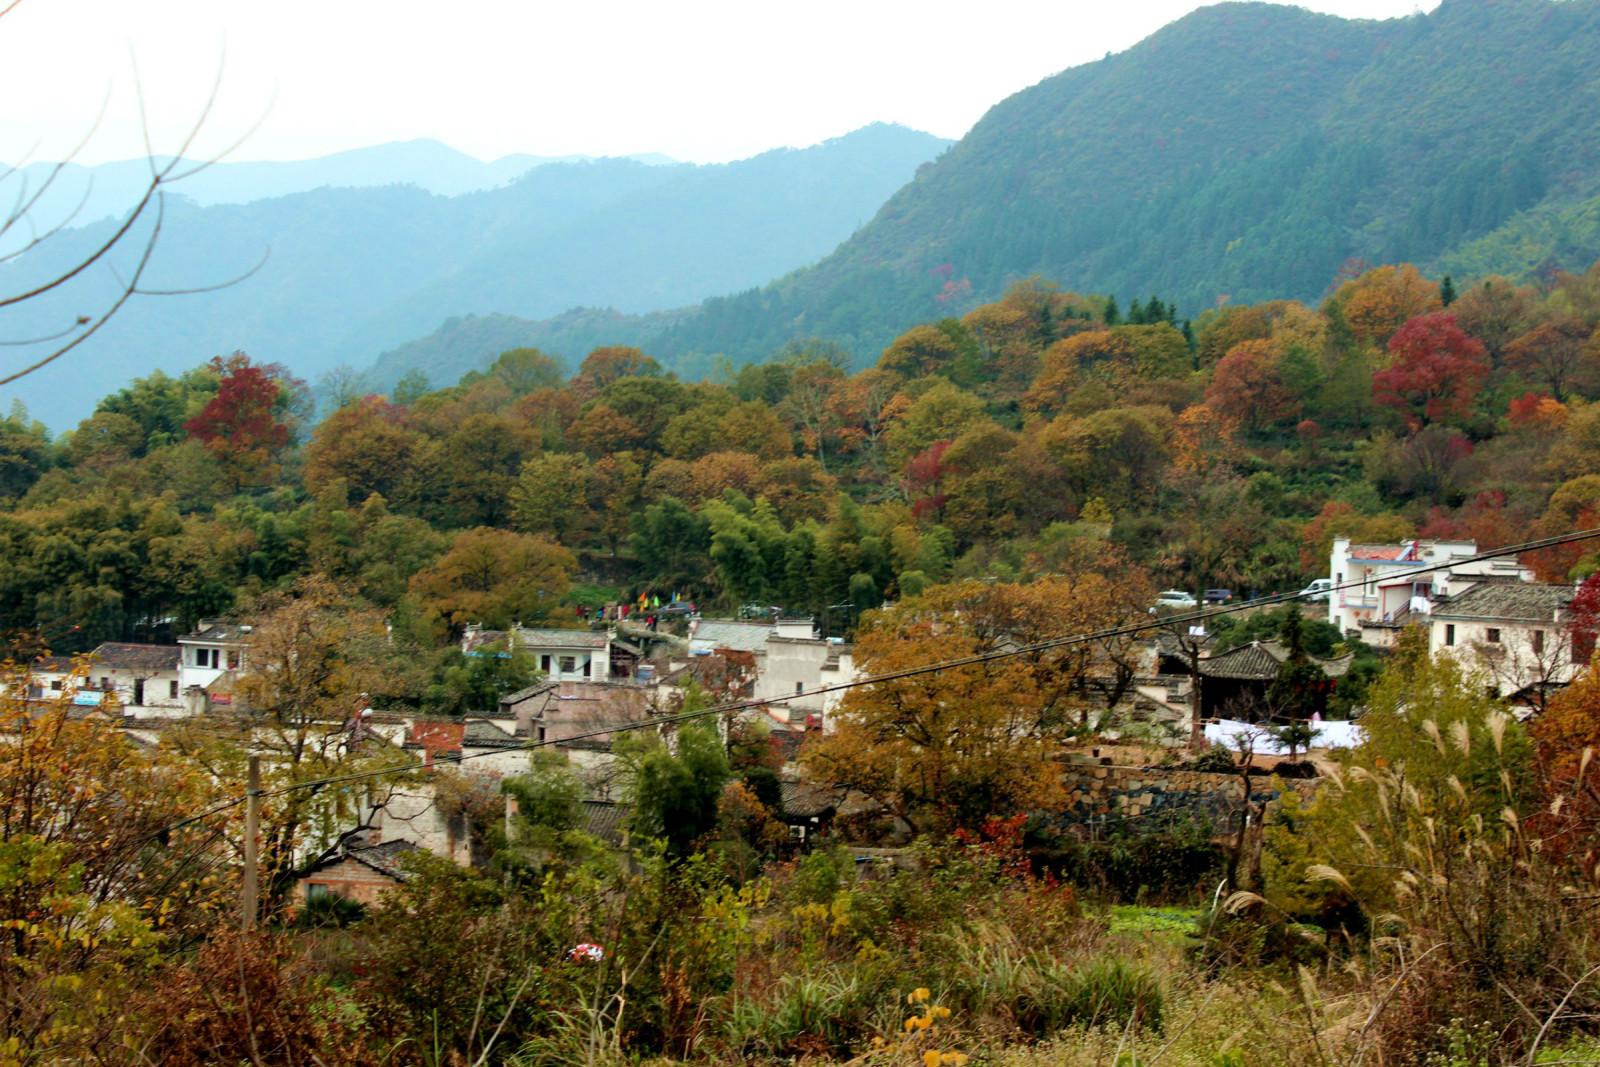 适合朗�y�9�9.��)_群山环抱中的小村,可惜没有太阳的朗照,色彩美不能完全体现.